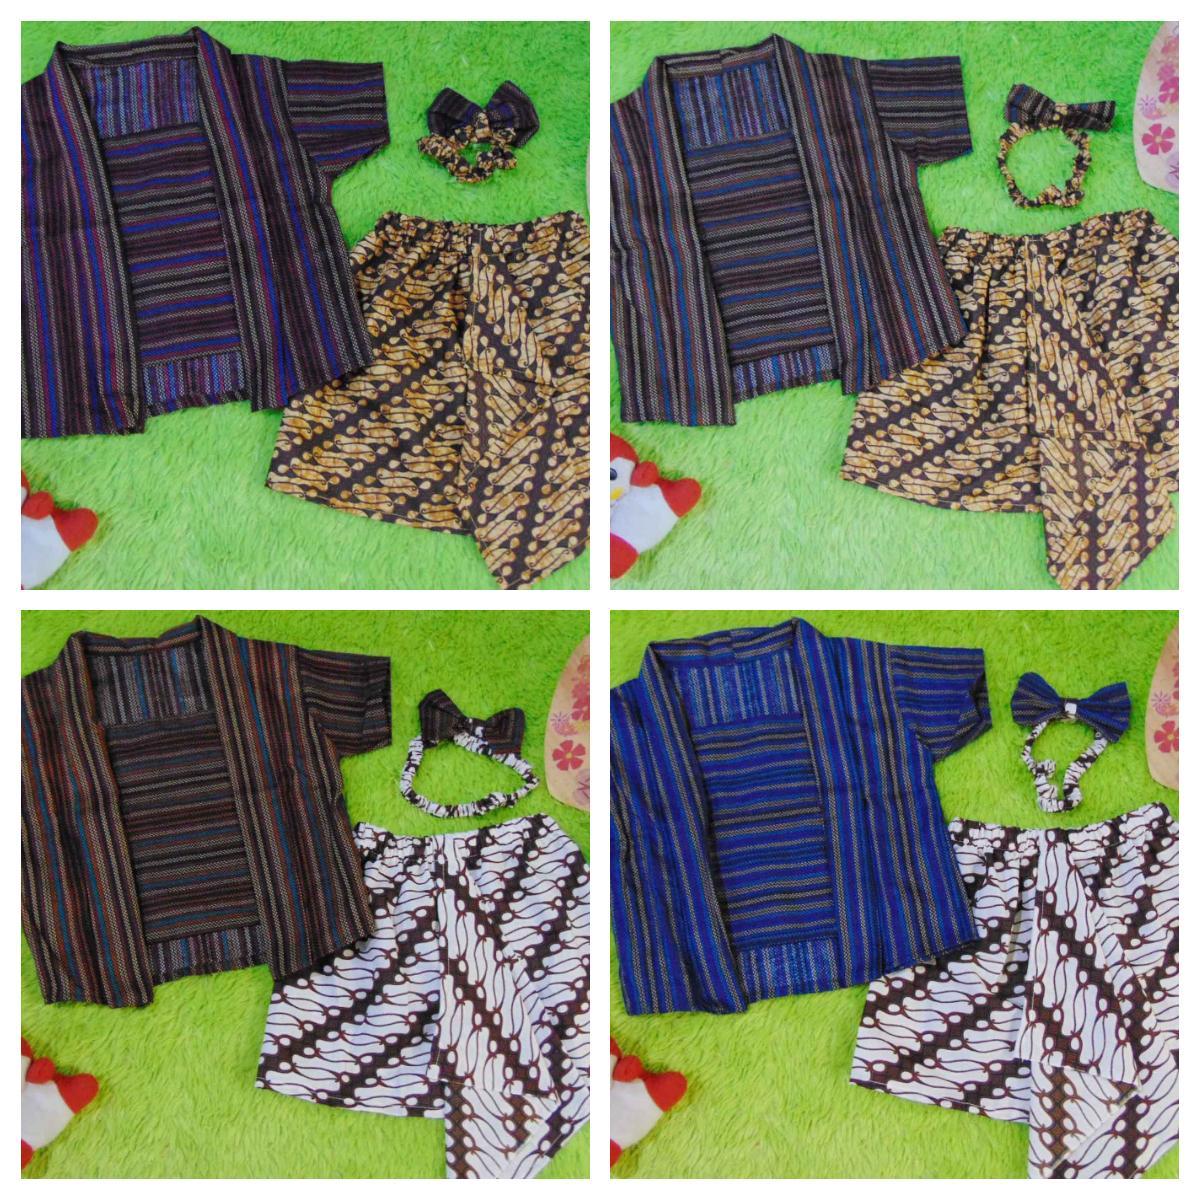 kembarshop- Setelan Baju Batik Kebaya Kutu Baru Bayi 6bulan-2tahun Plus Headband motif Lurik